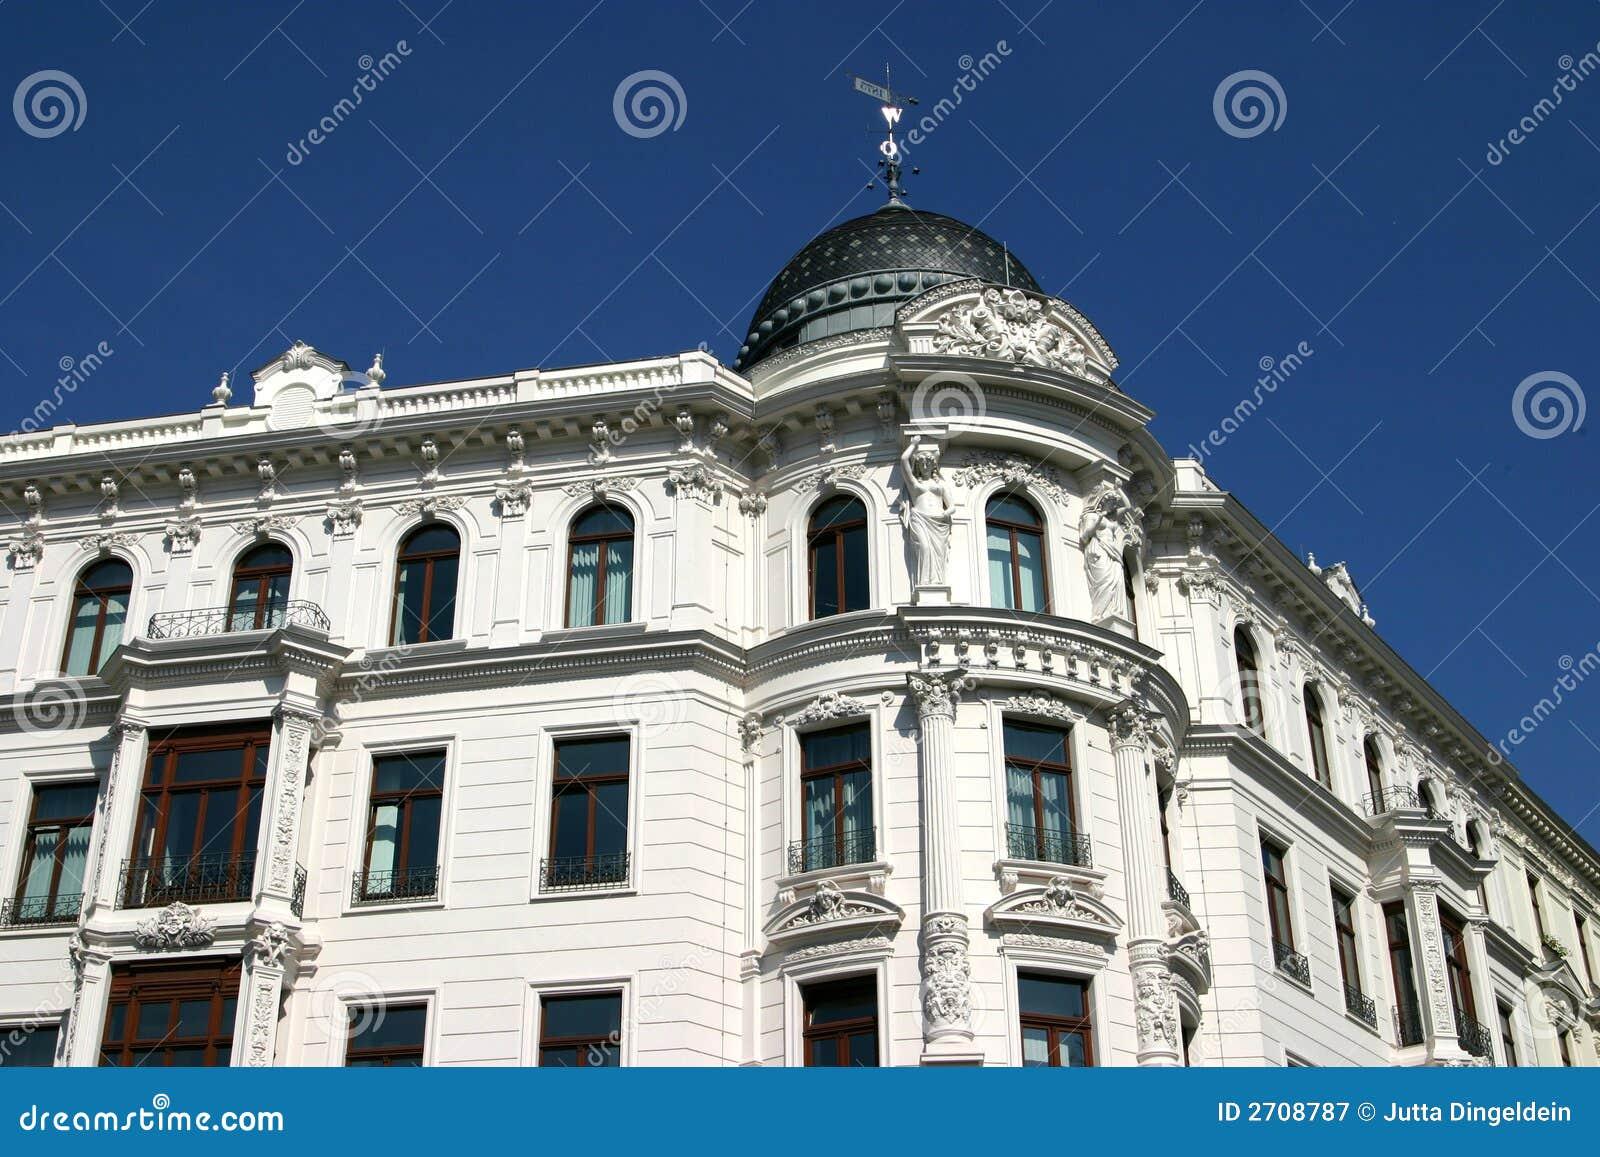 Historisches Gebäude in Leipzig